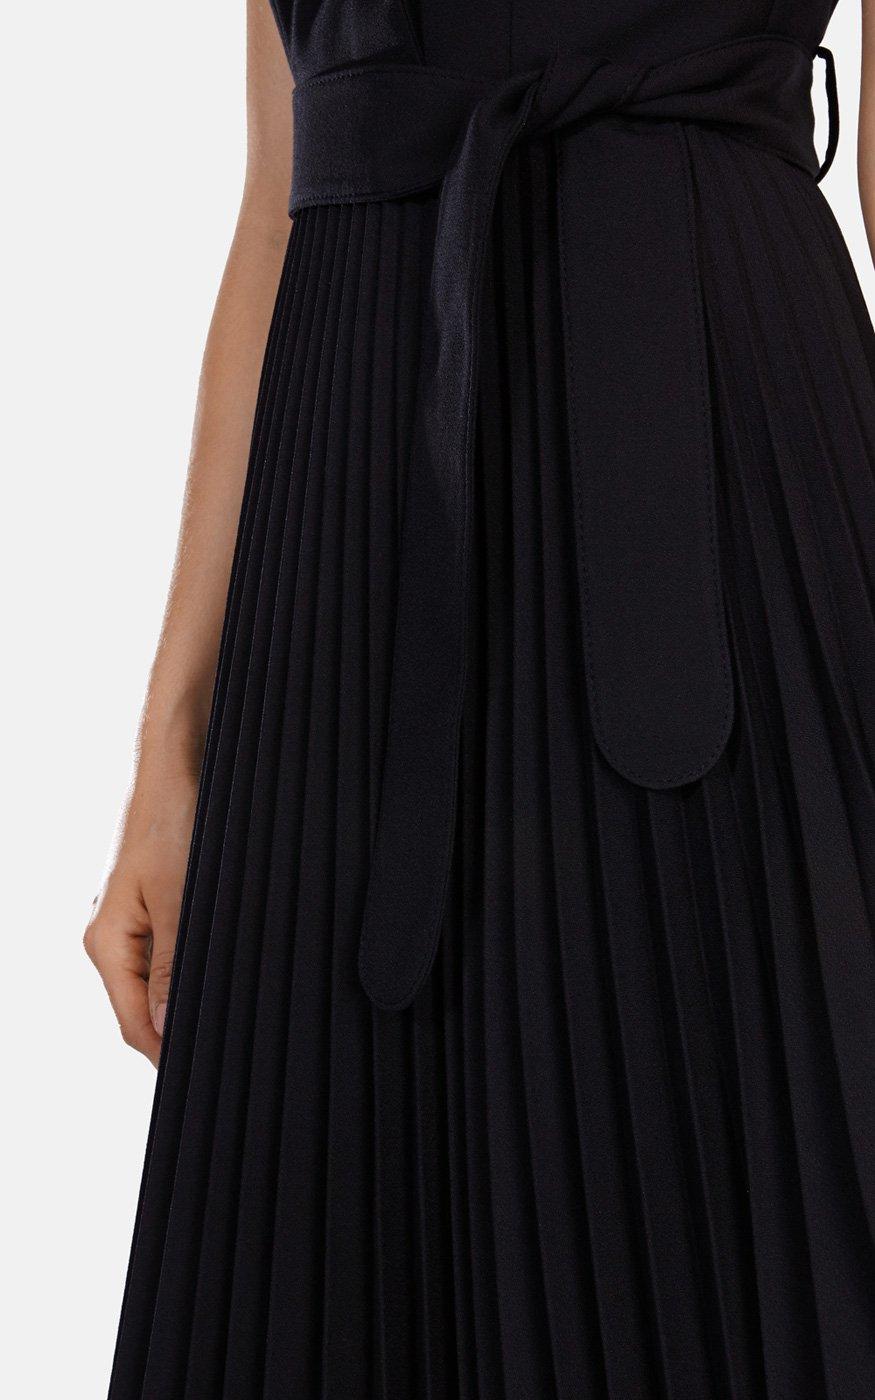 Karen millen black trench coat dress